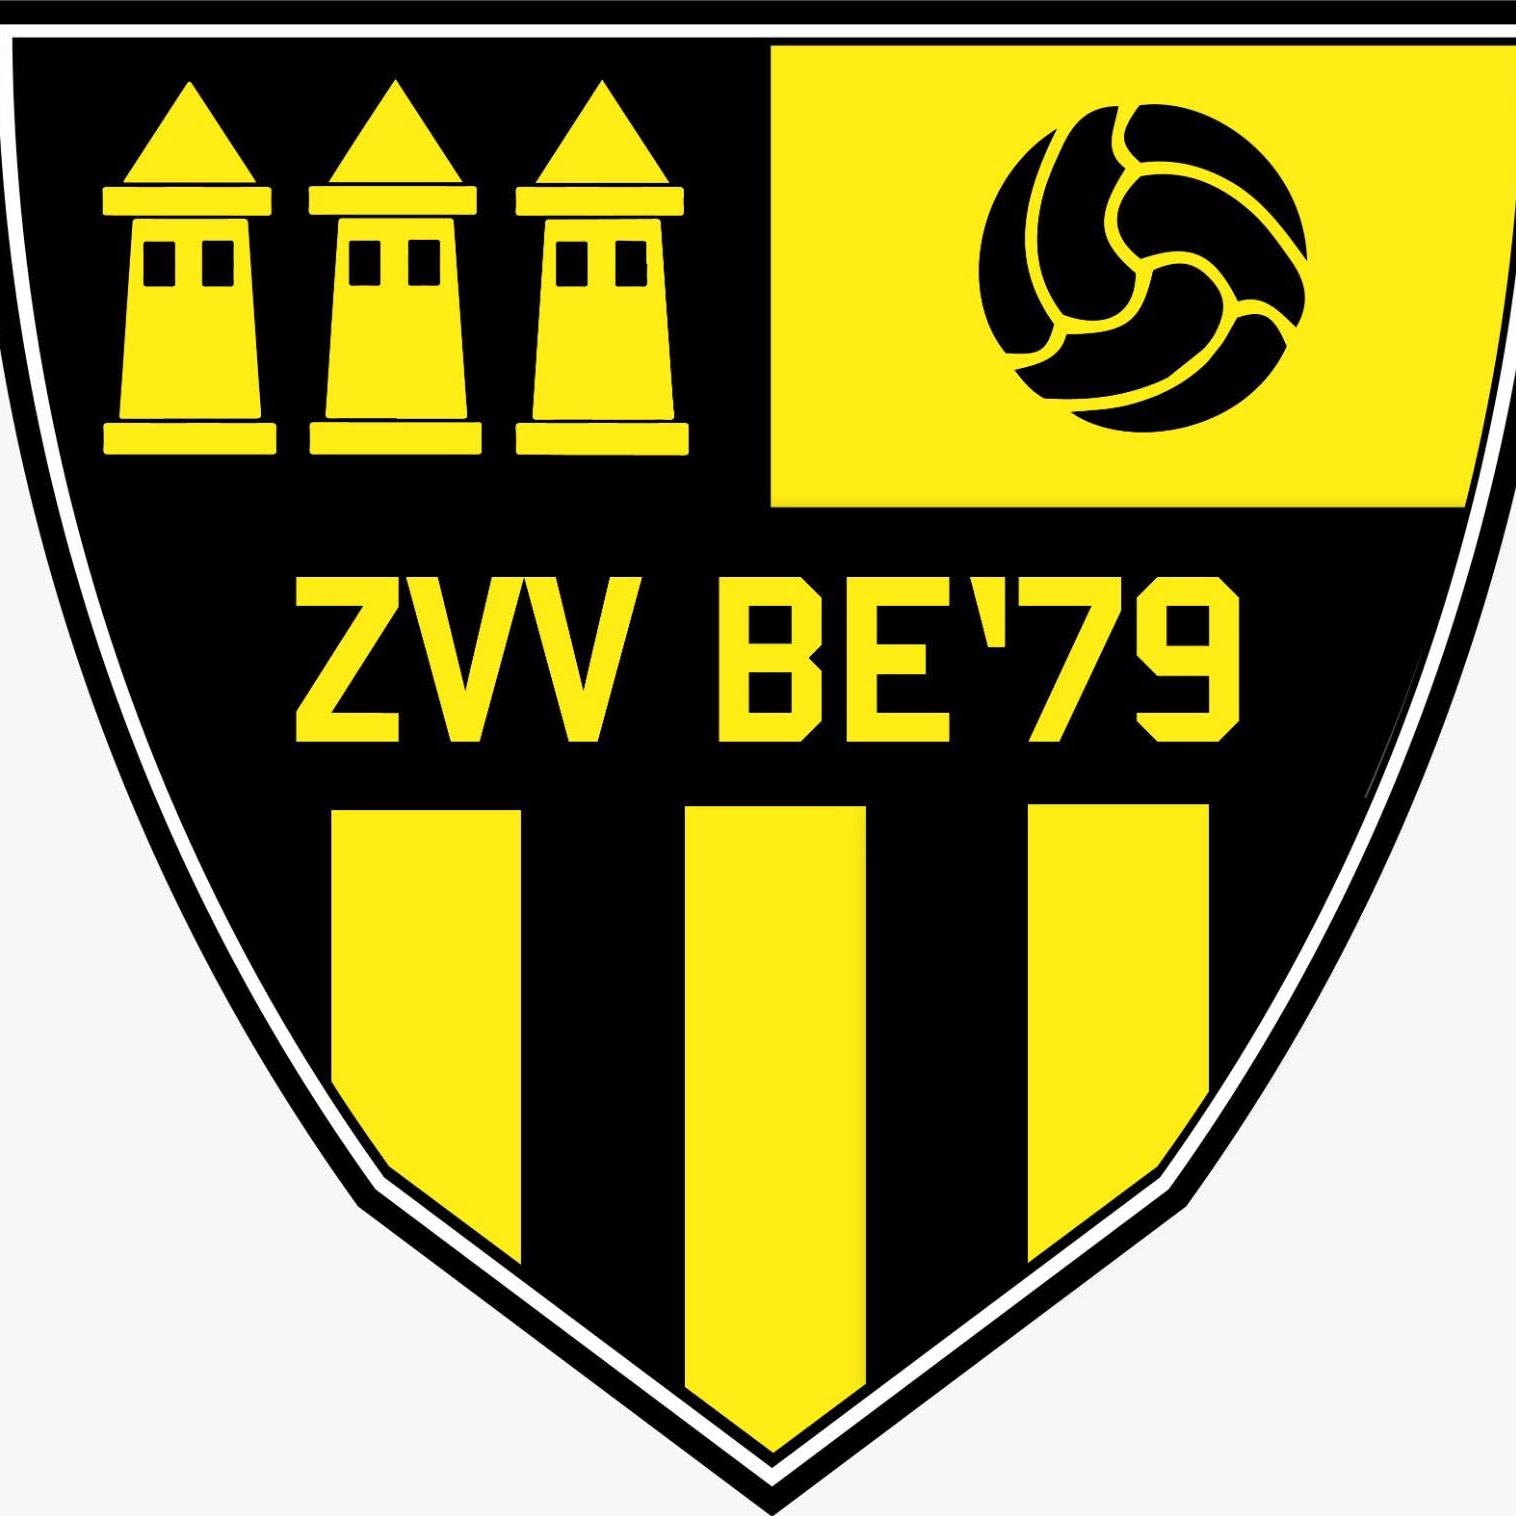 z.v.v. BE '79 2